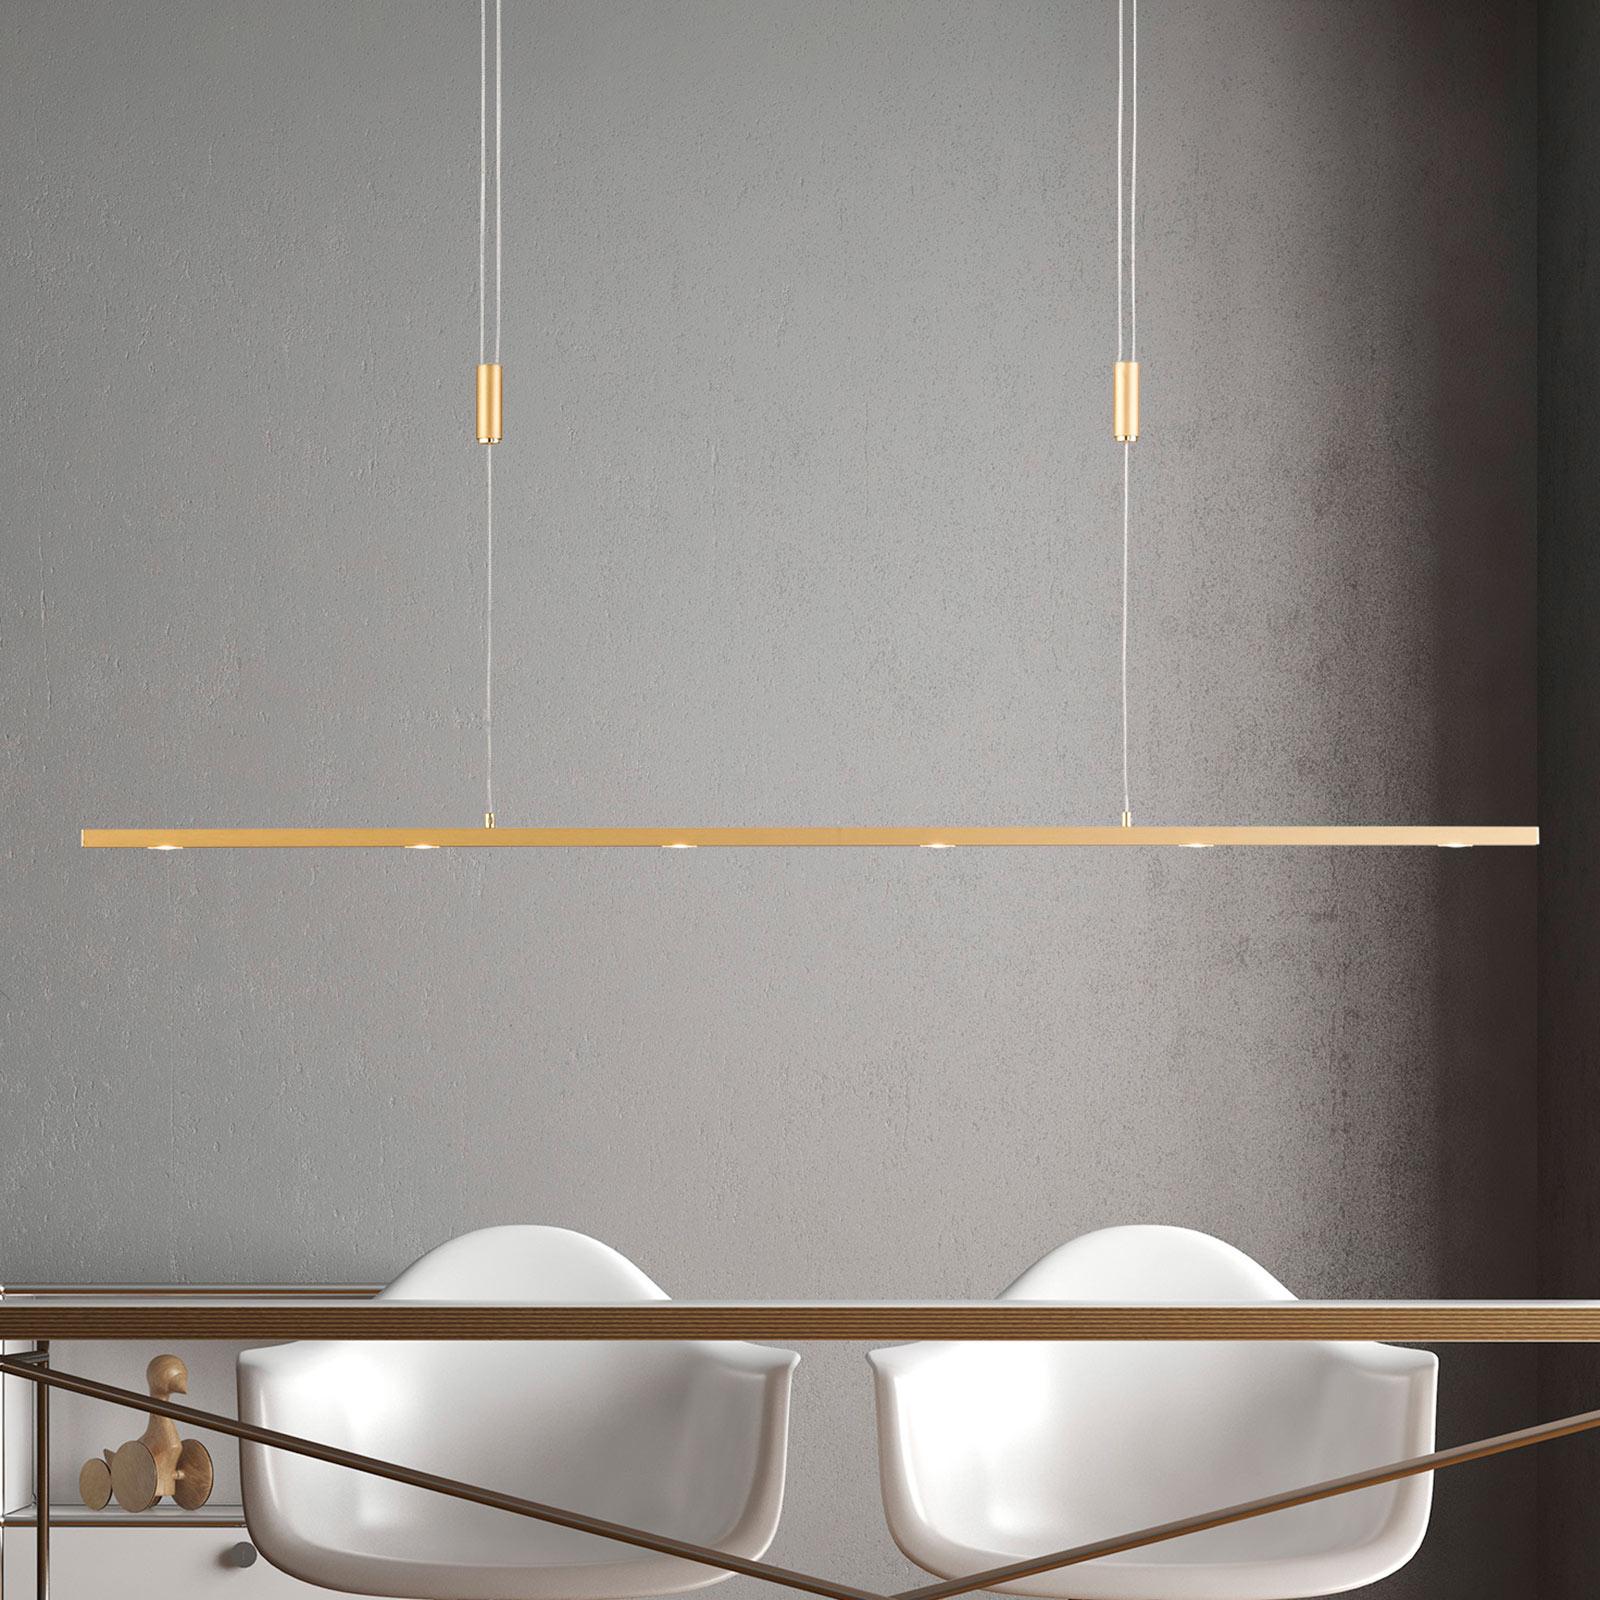 Lucande Tolu LED hanglamp, messing, 119 cm